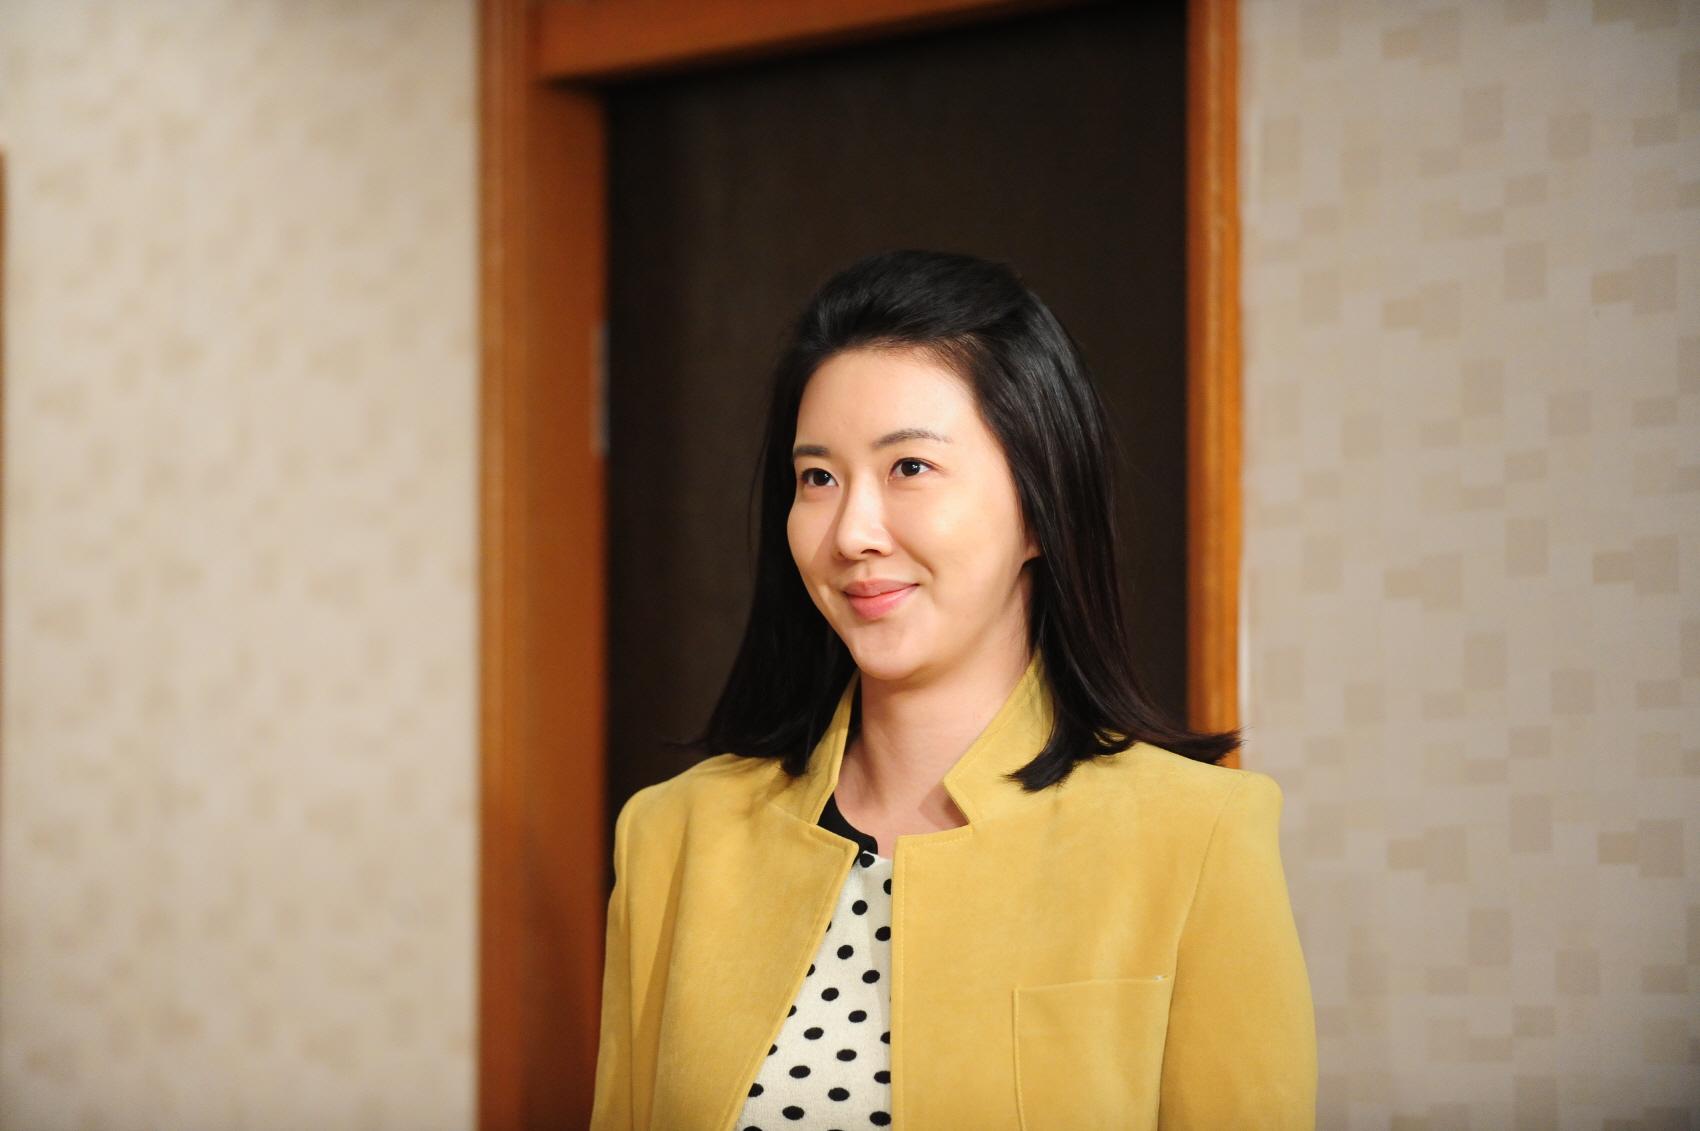 장미인애 인스타 전쟁…정부 비판→설전→은퇴 선언 [종합]